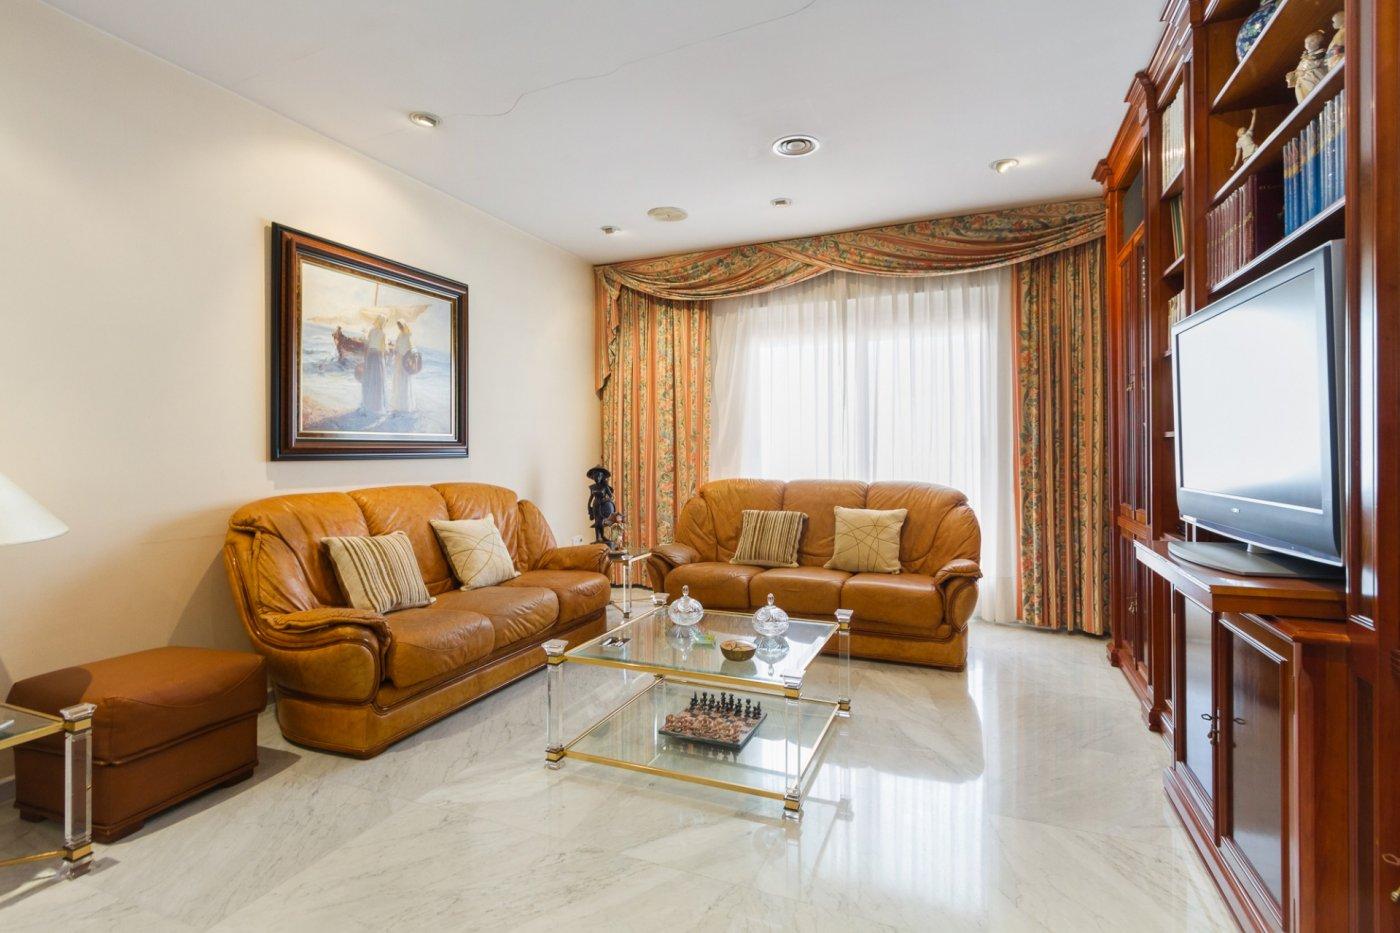 Gran casa en gandia de 800 m2 con casa de verano y nave de 300m2 - imagenInmueble7